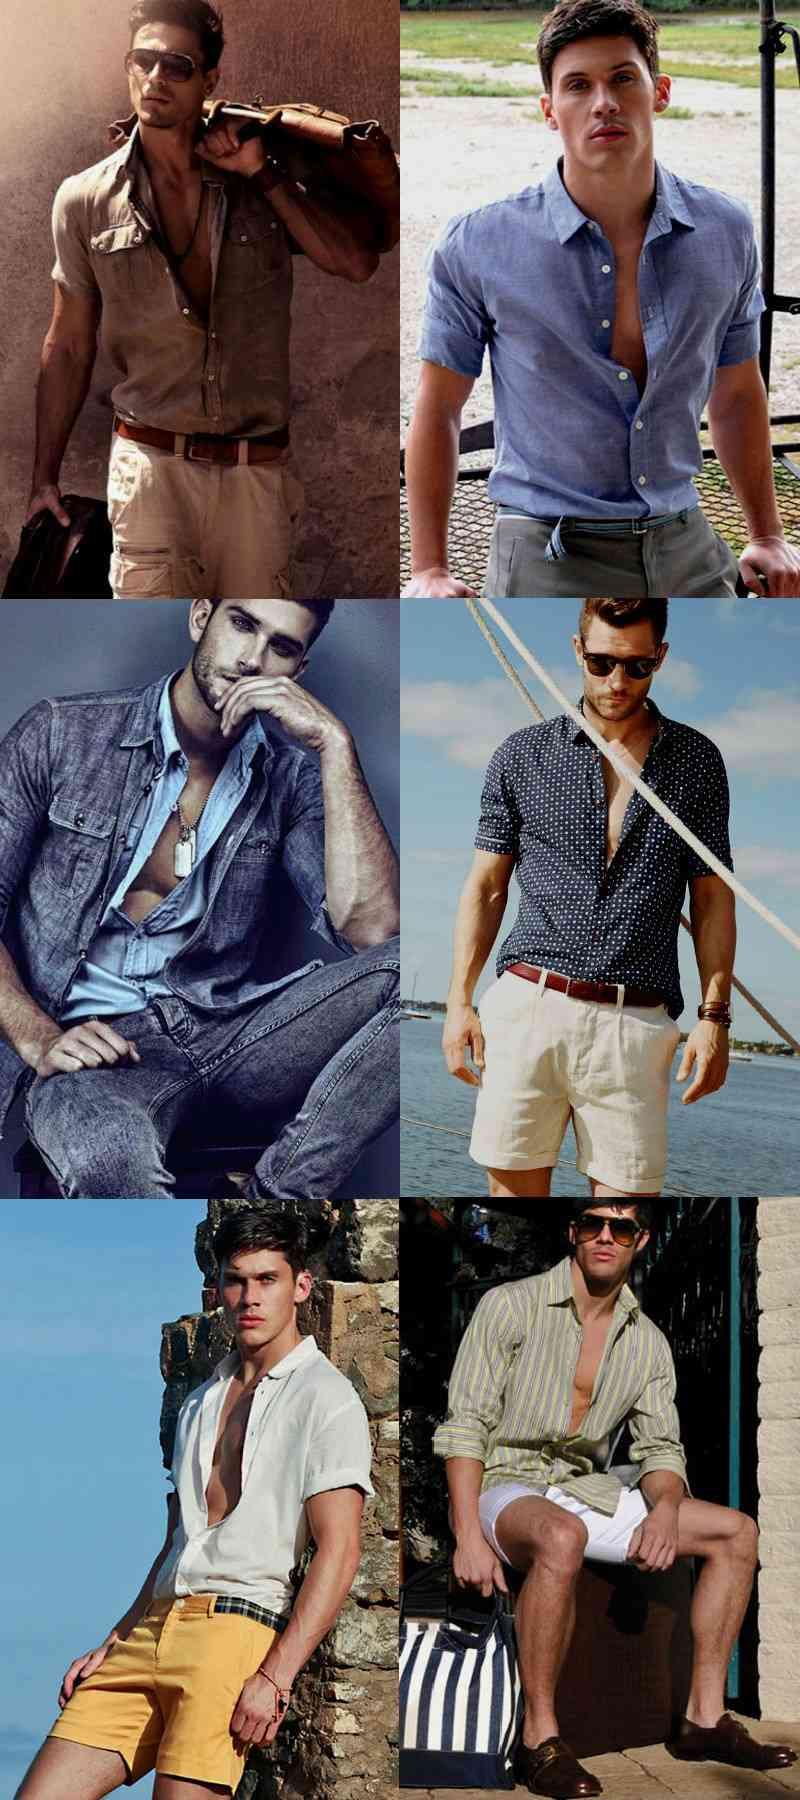 Homem No Espelho - colarinho de camisa - Como usar camisa masculina aberta e fechada